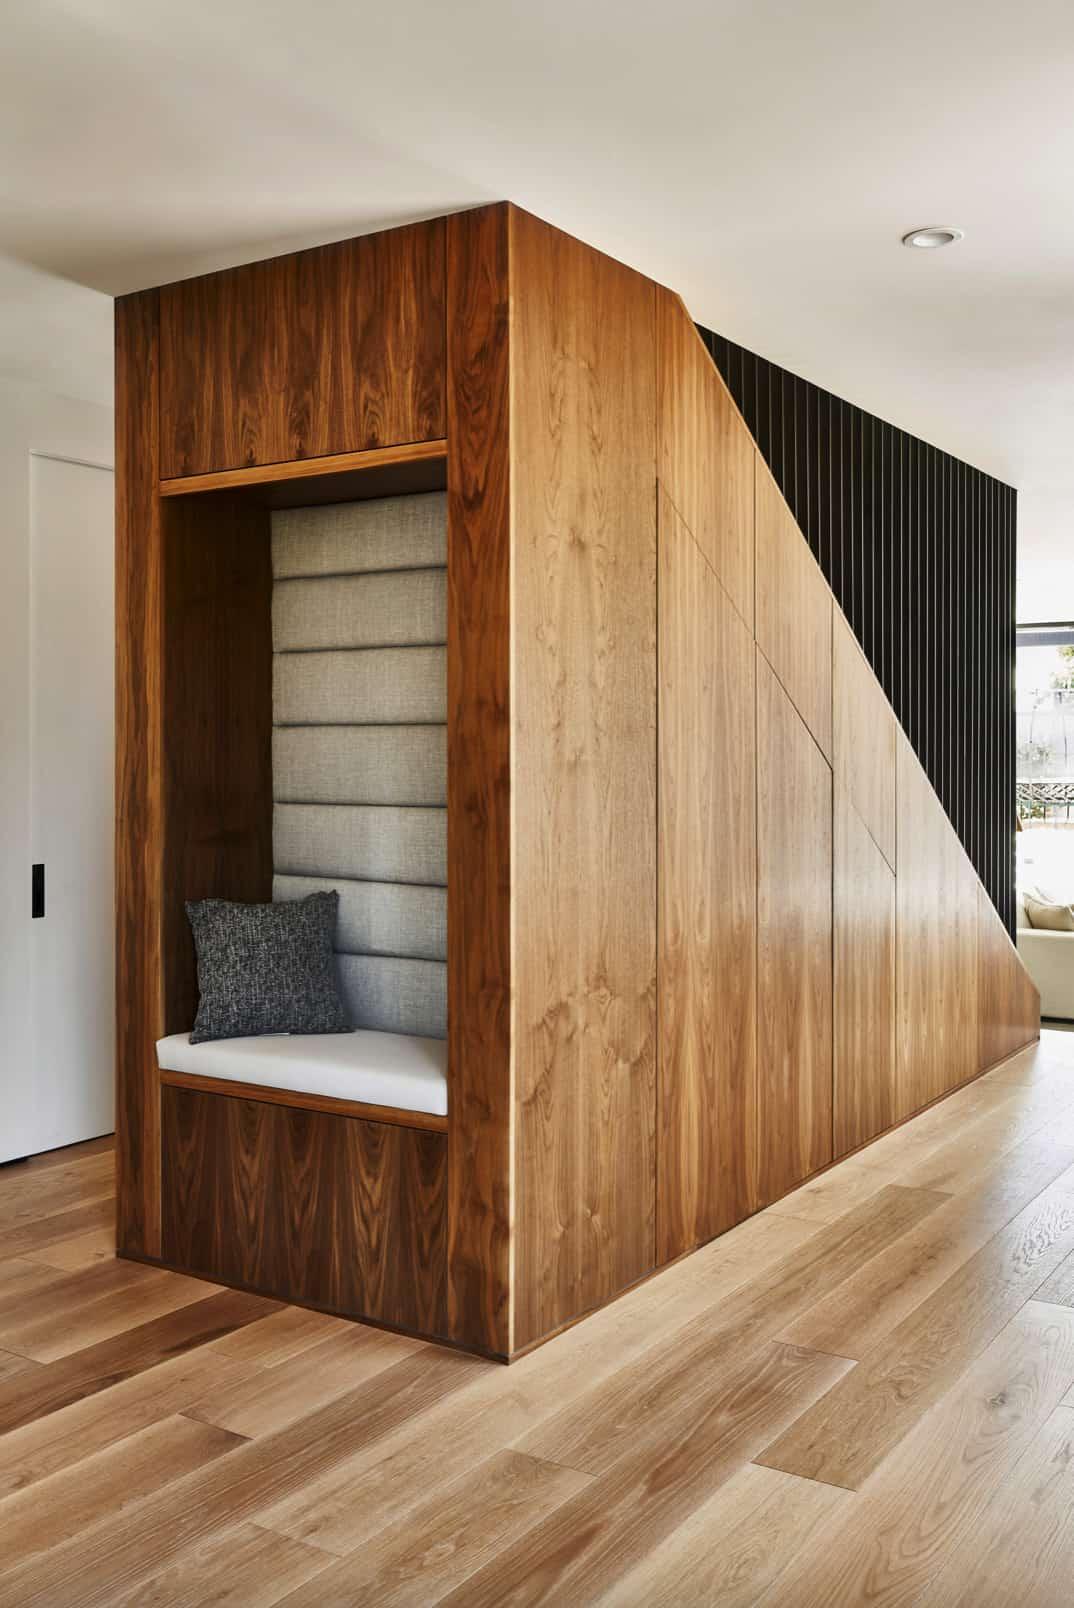 moderno-drveno-stubište-pogled-straga-s ugrađenim kutkom za sjedenje